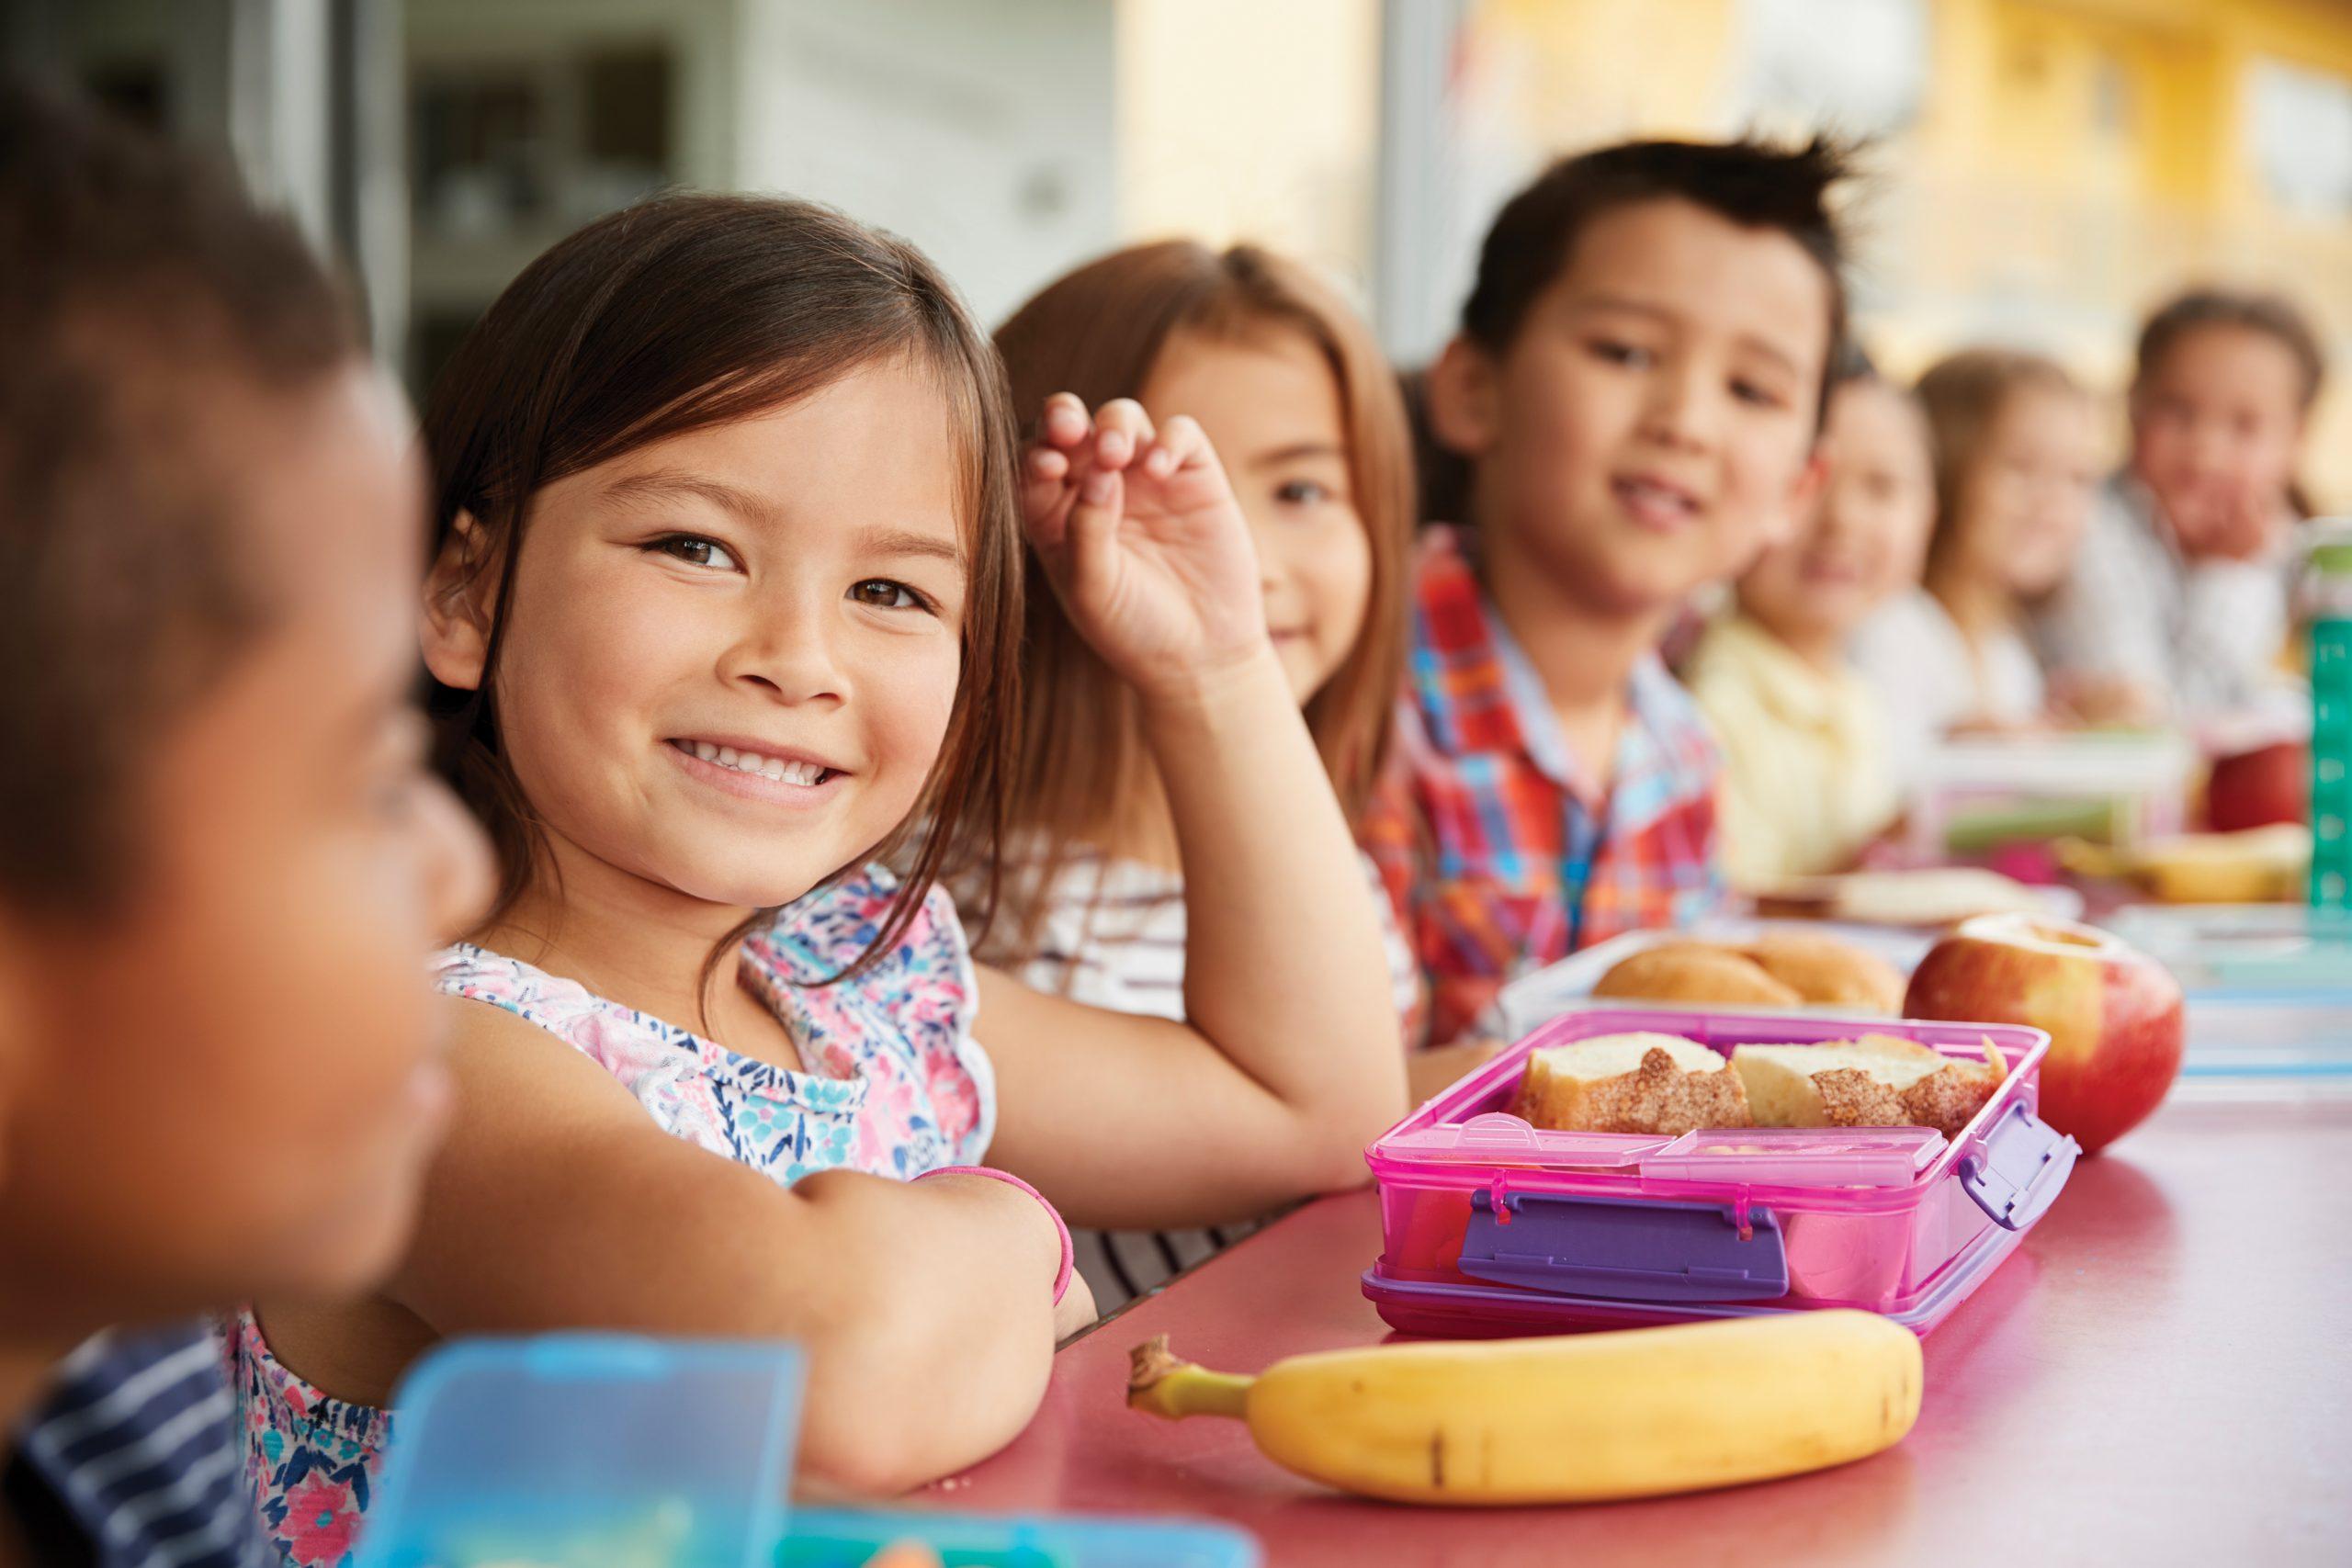 Najnowsze wytyczne w zakresie leczenia w gastroenterologii dziecięcej, hepatologii i żywienia w dobie pandemii COVID 19